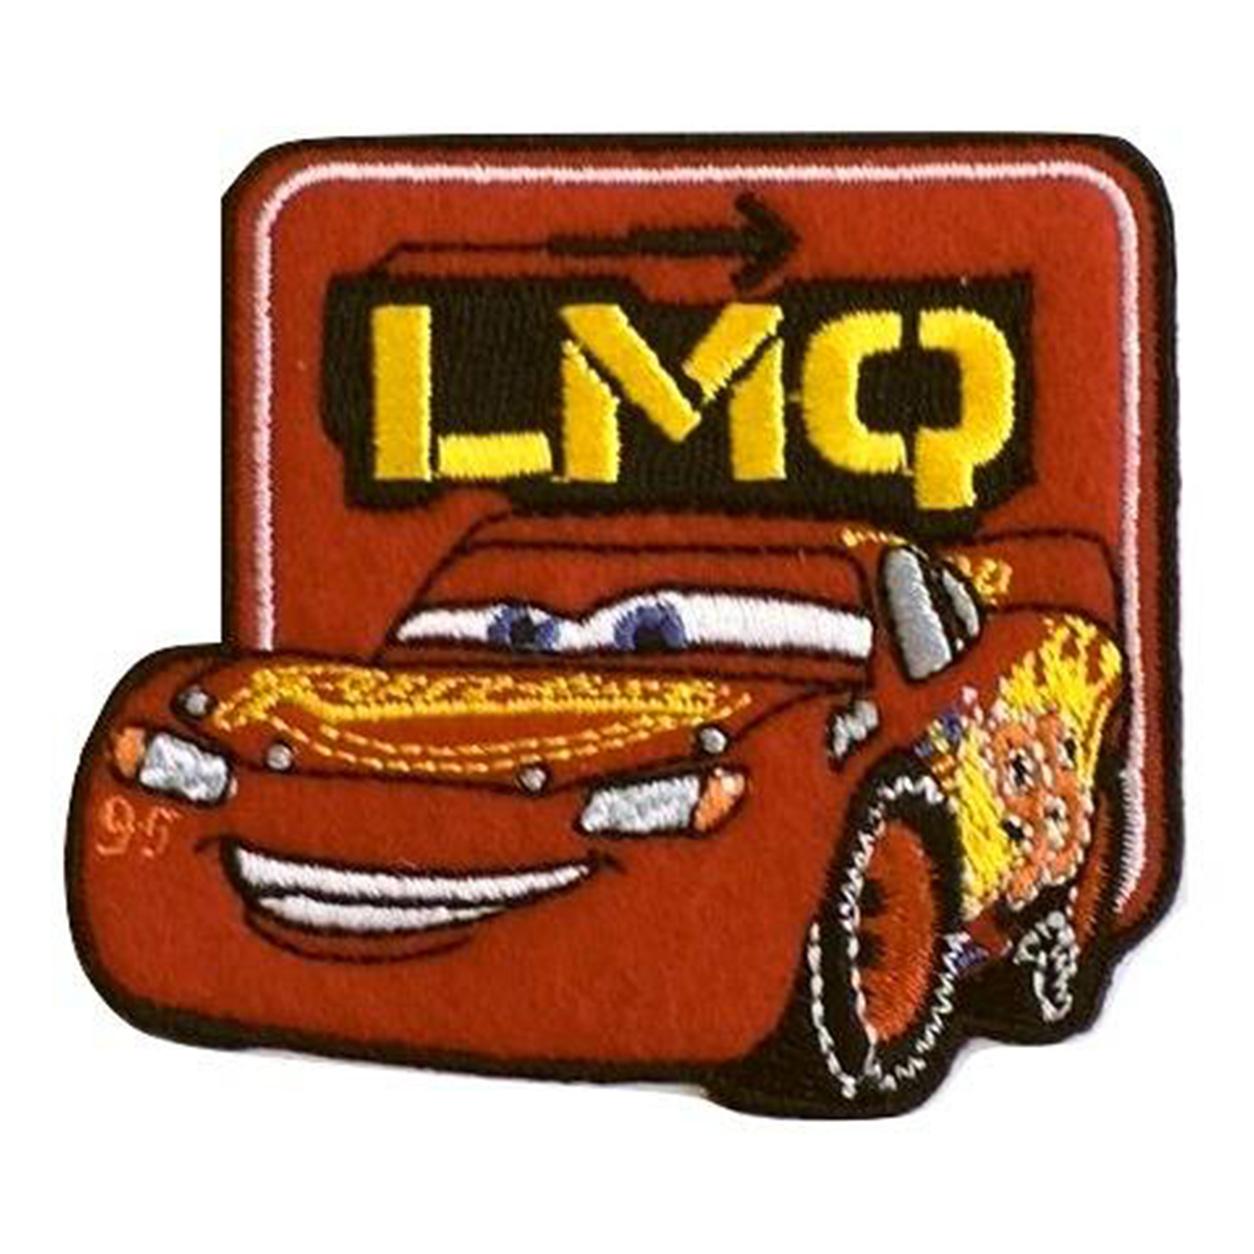 Applicazione Termoadesiva Disney Cars Saetta LMQ